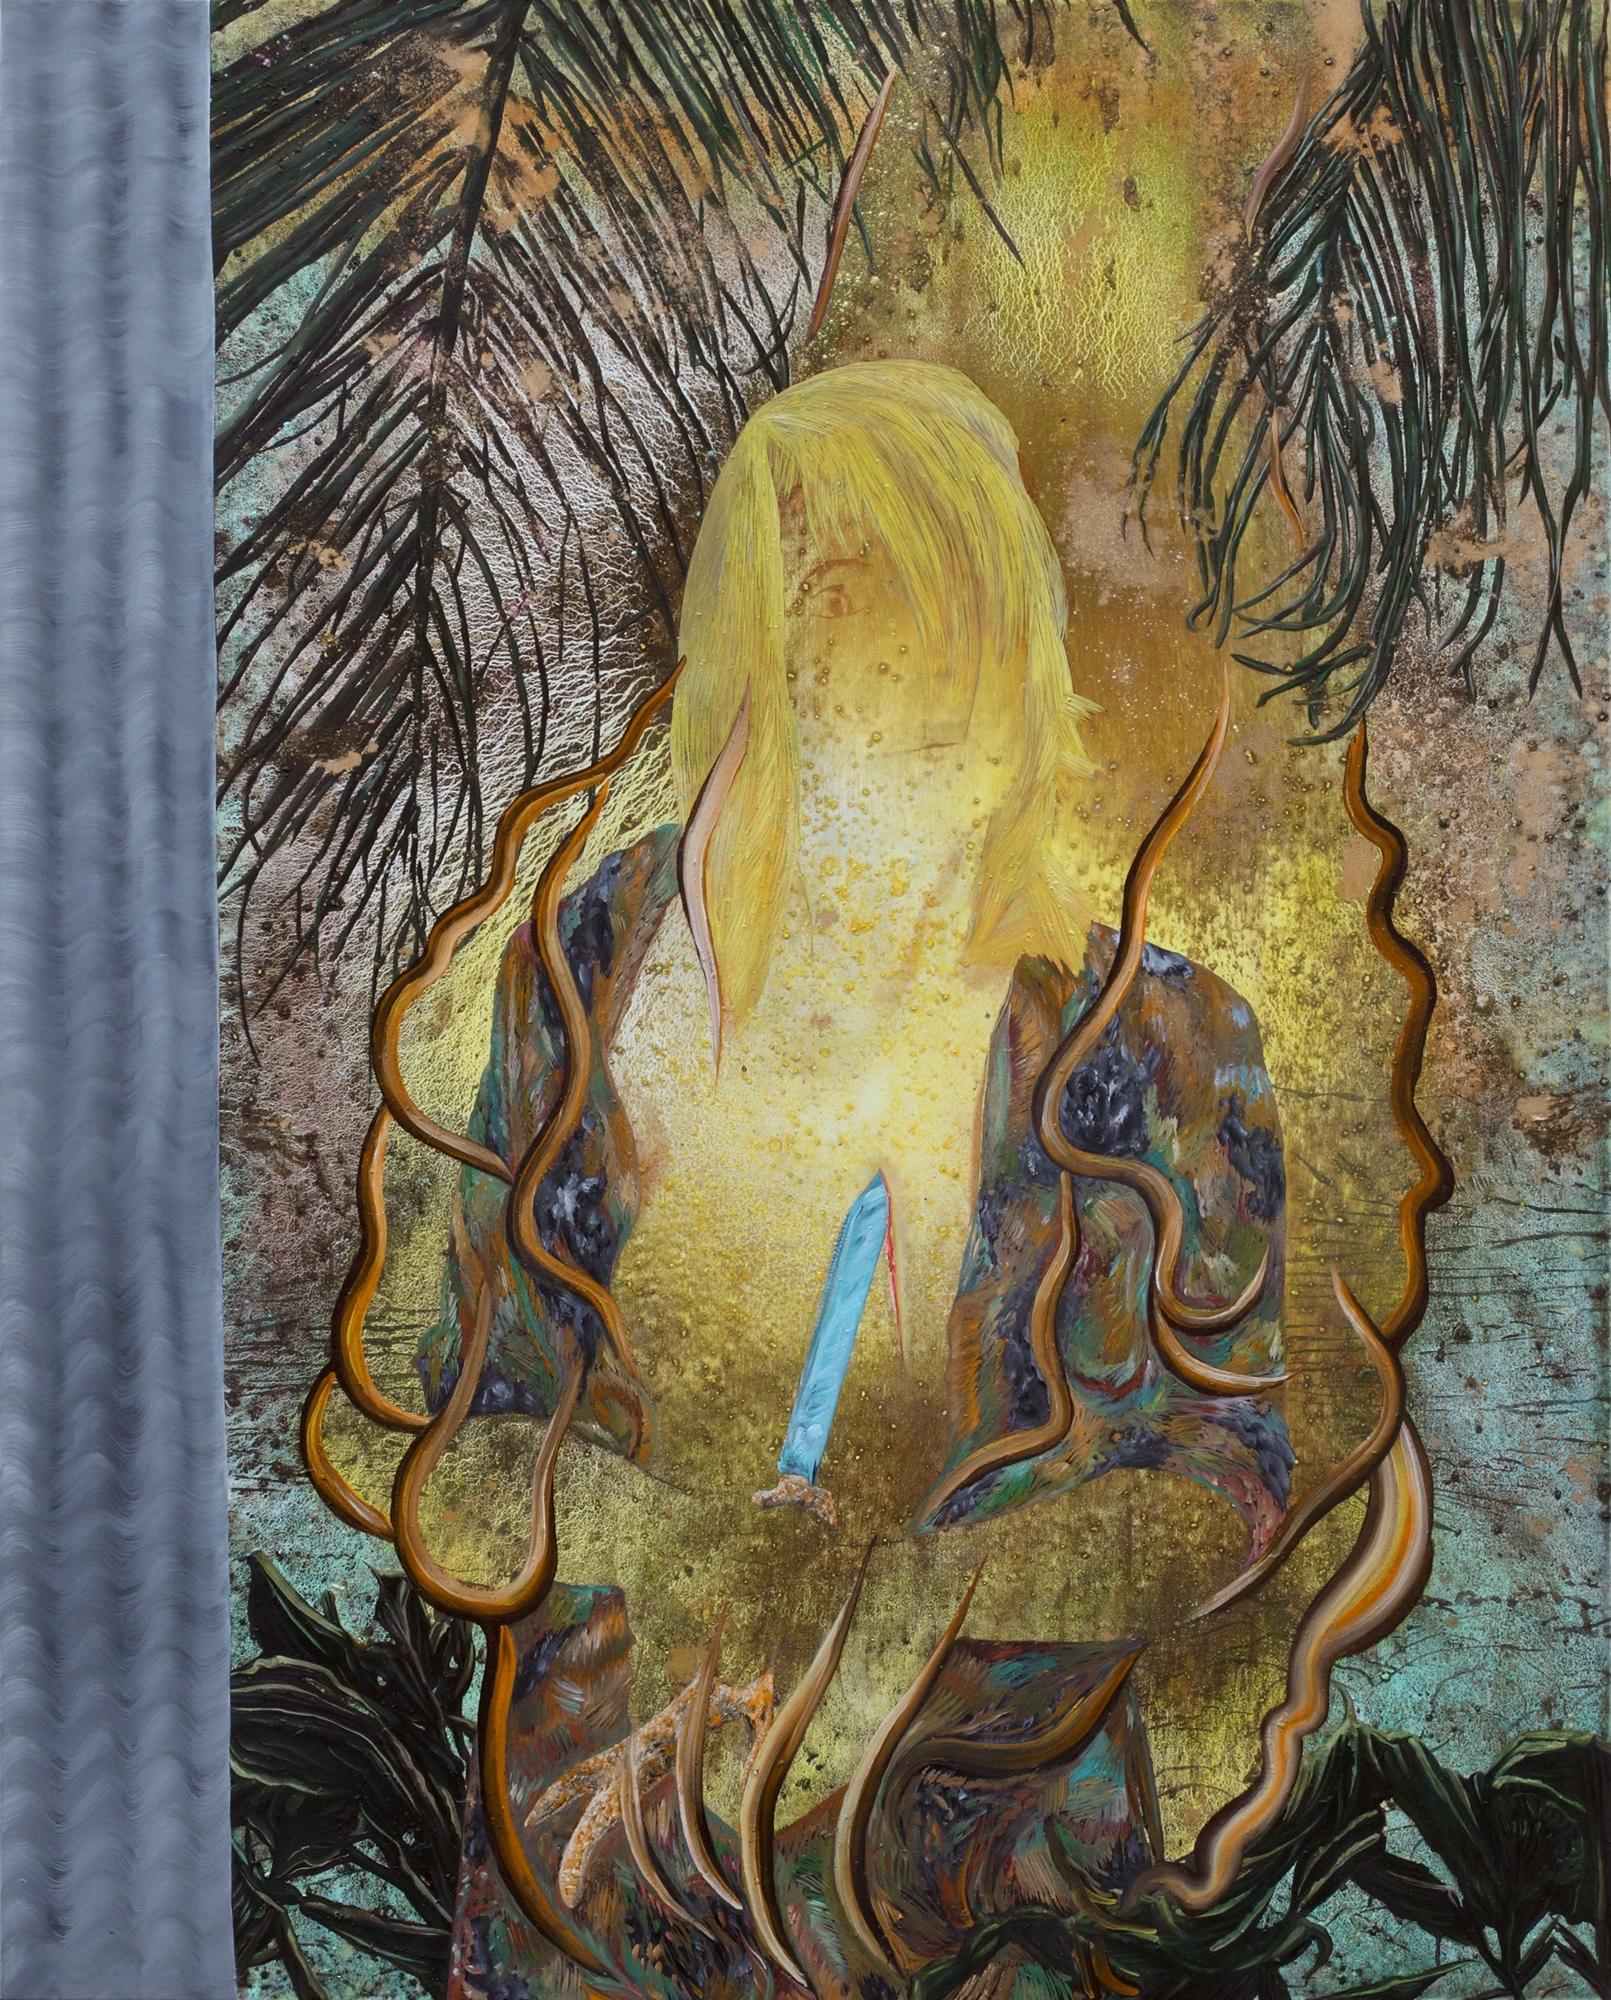 L'Île aux mimosas, Marc Molk, 2014, huile et acrylique sur toile, 162 x 130 cm